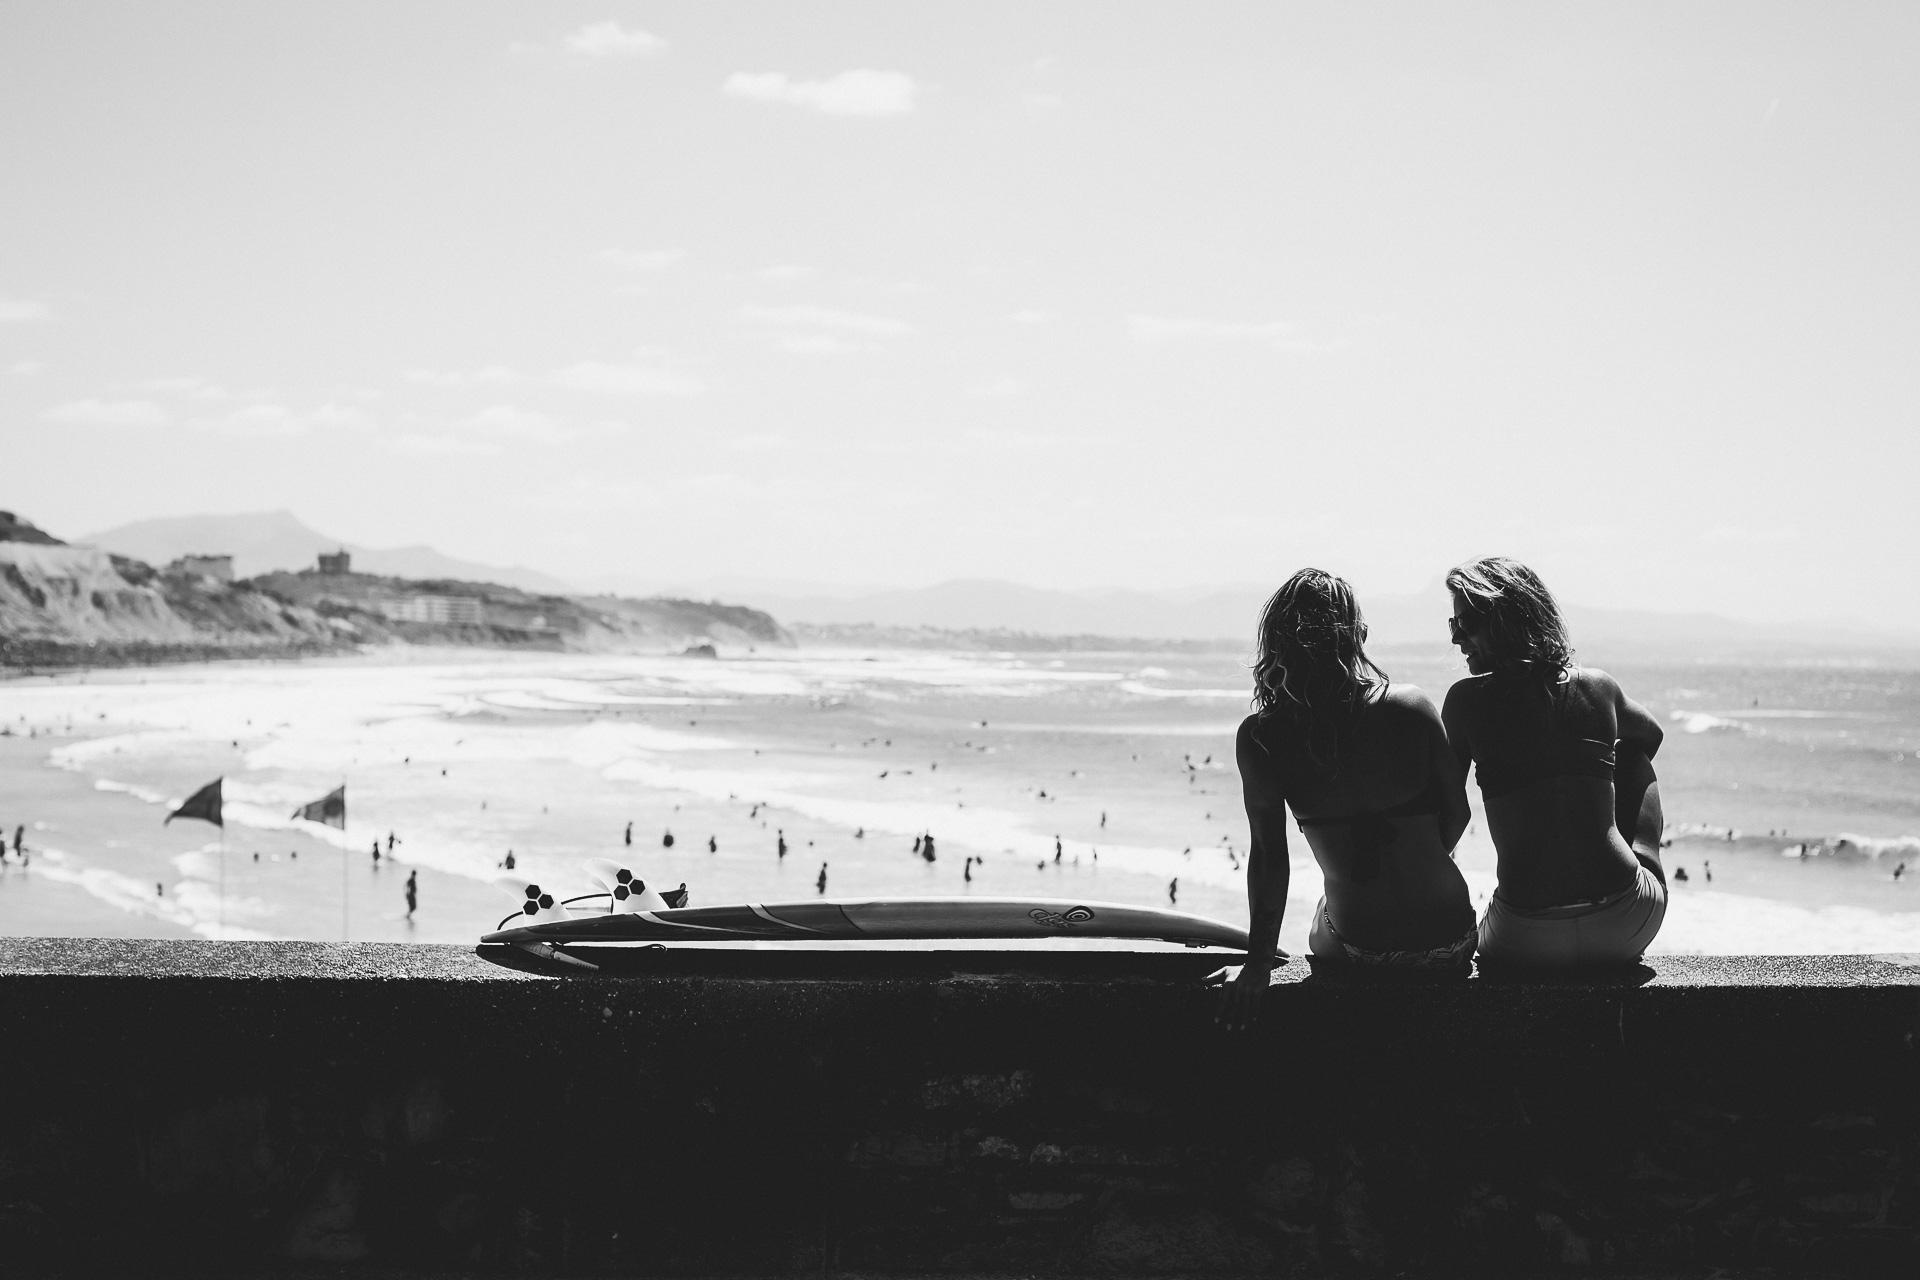 Damien-Dohmen-photographe-Ocean-5